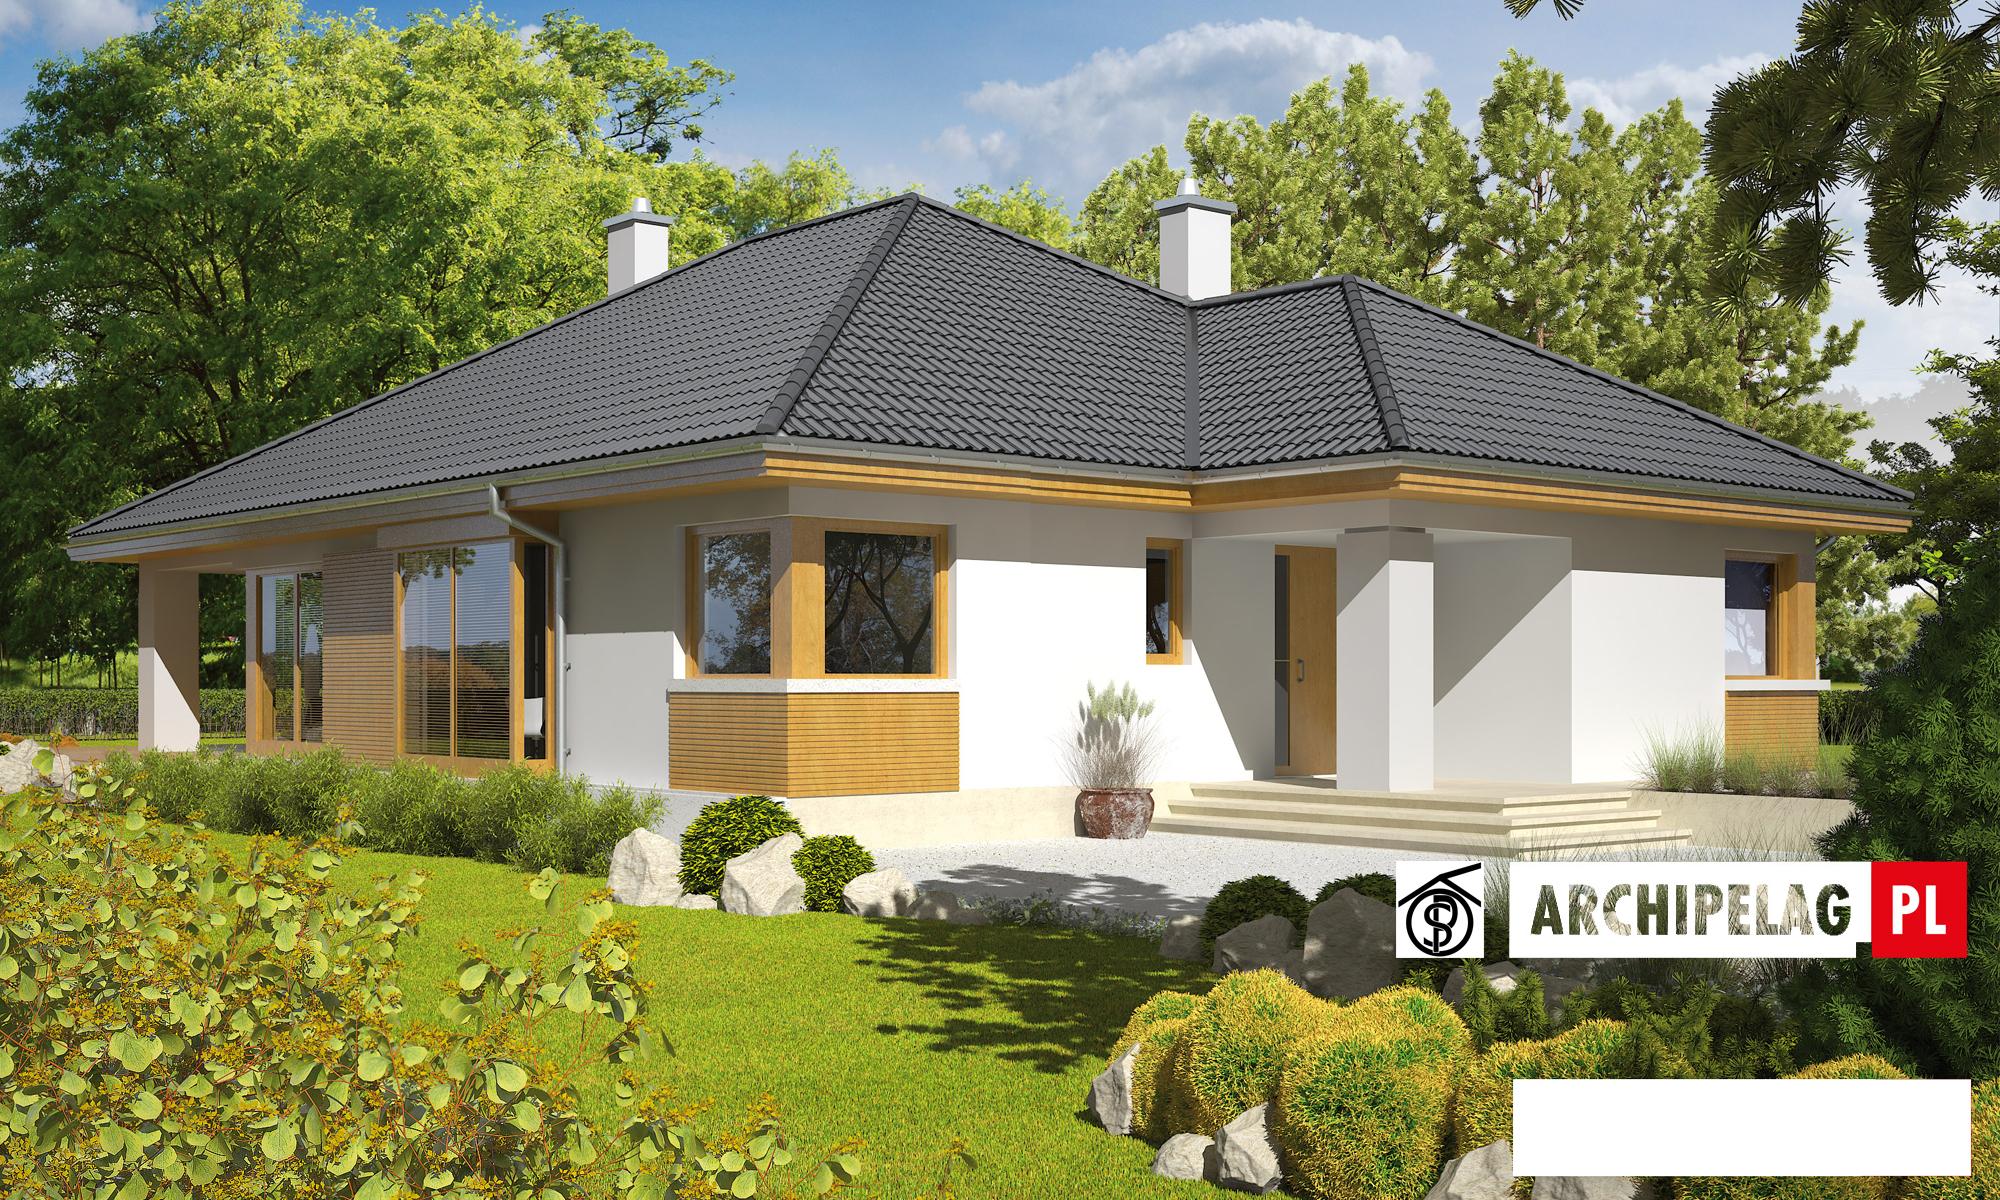 Nowe domy jednorodzinne w Sułkowicach k. Andrychowa